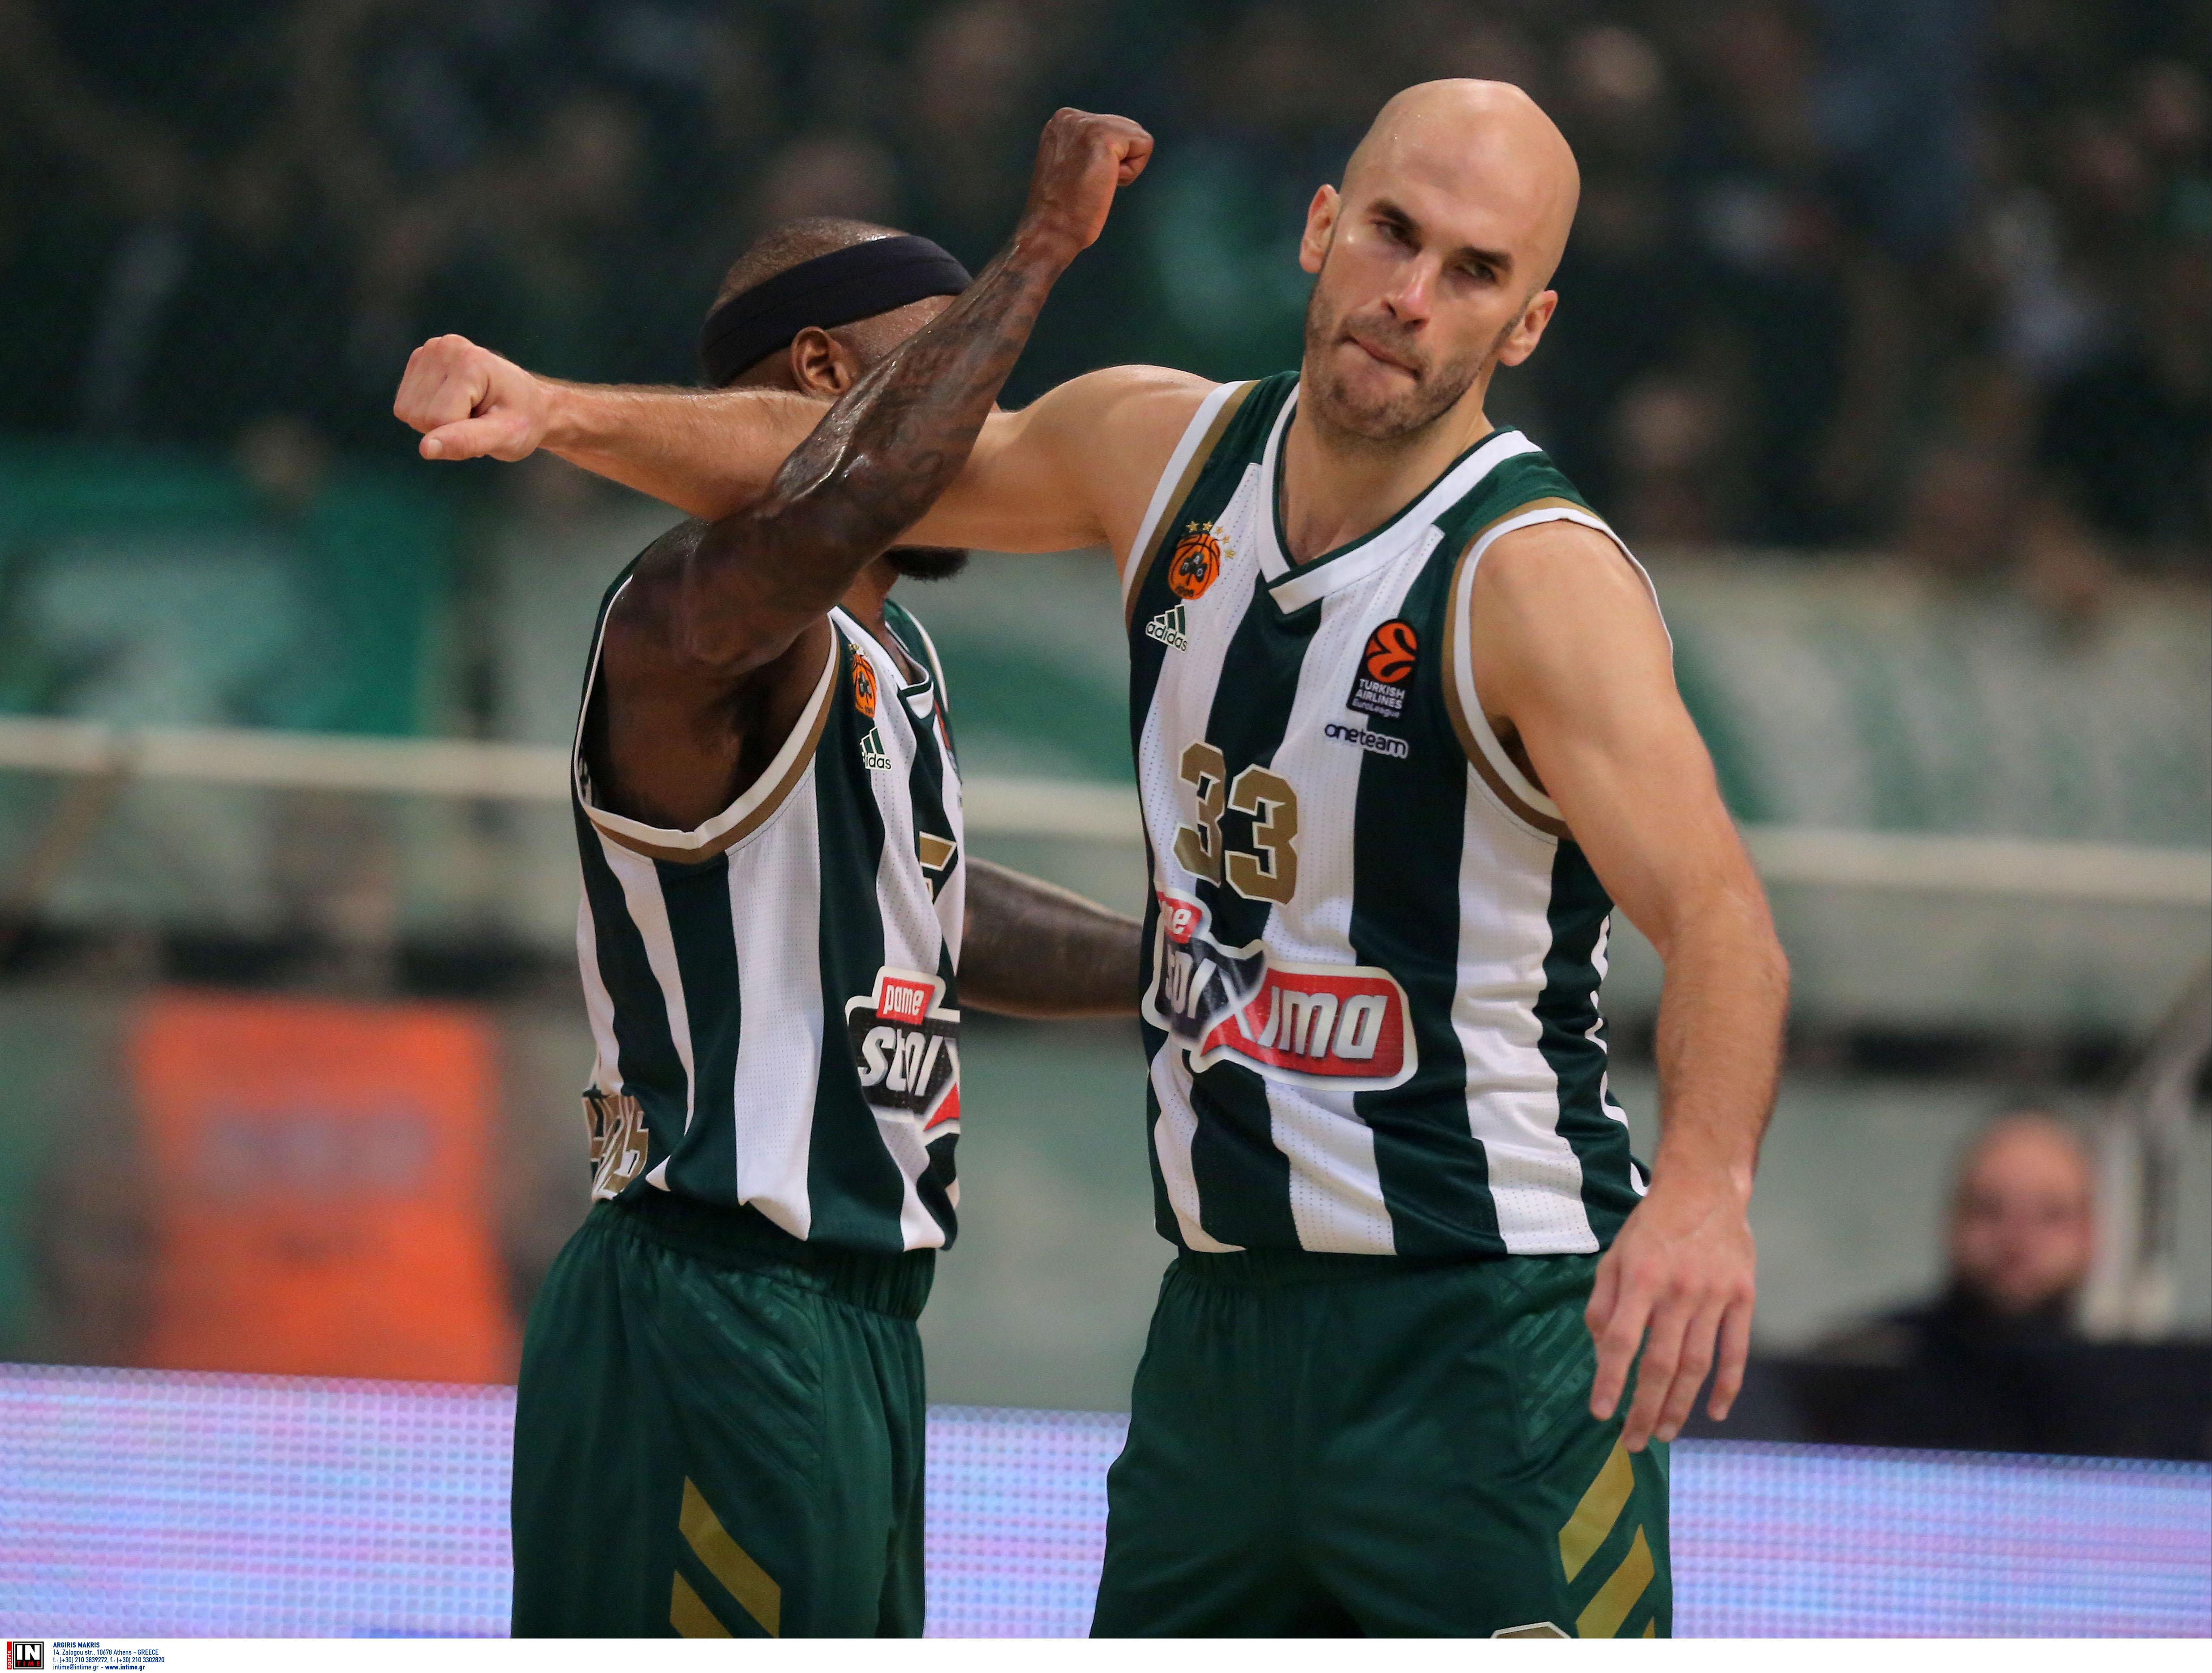 """Βαθμολογία Euroleague: """"Έπιασε"""" την 4άδα ο Παναθηναϊκός! """"Ζωντανός"""" για πλέι οφ ο Ολυμπιακός"""